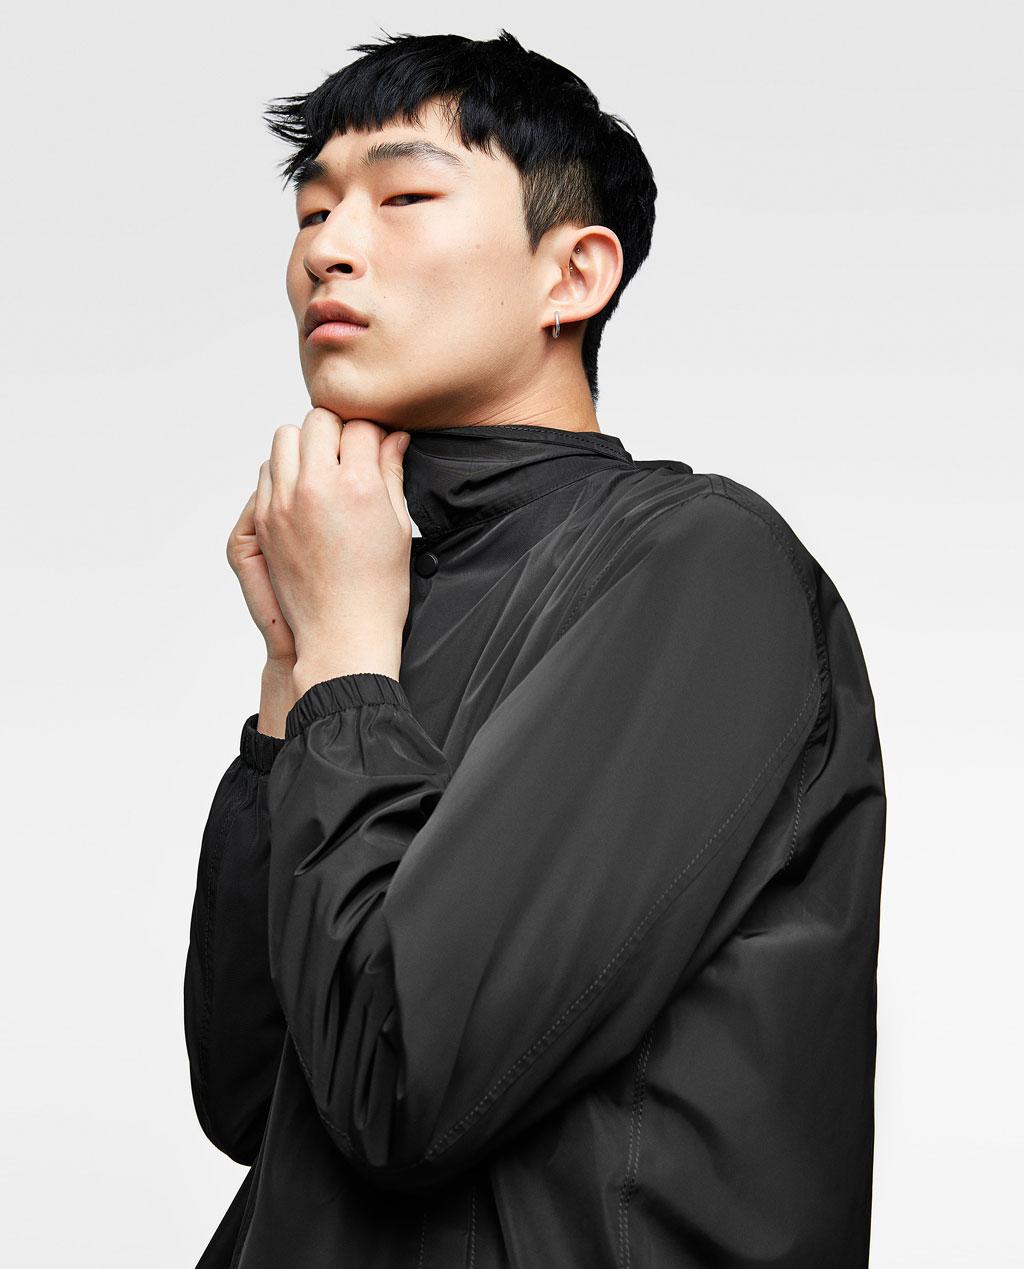 Thời trang nam Zara  24069 - ảnh 6